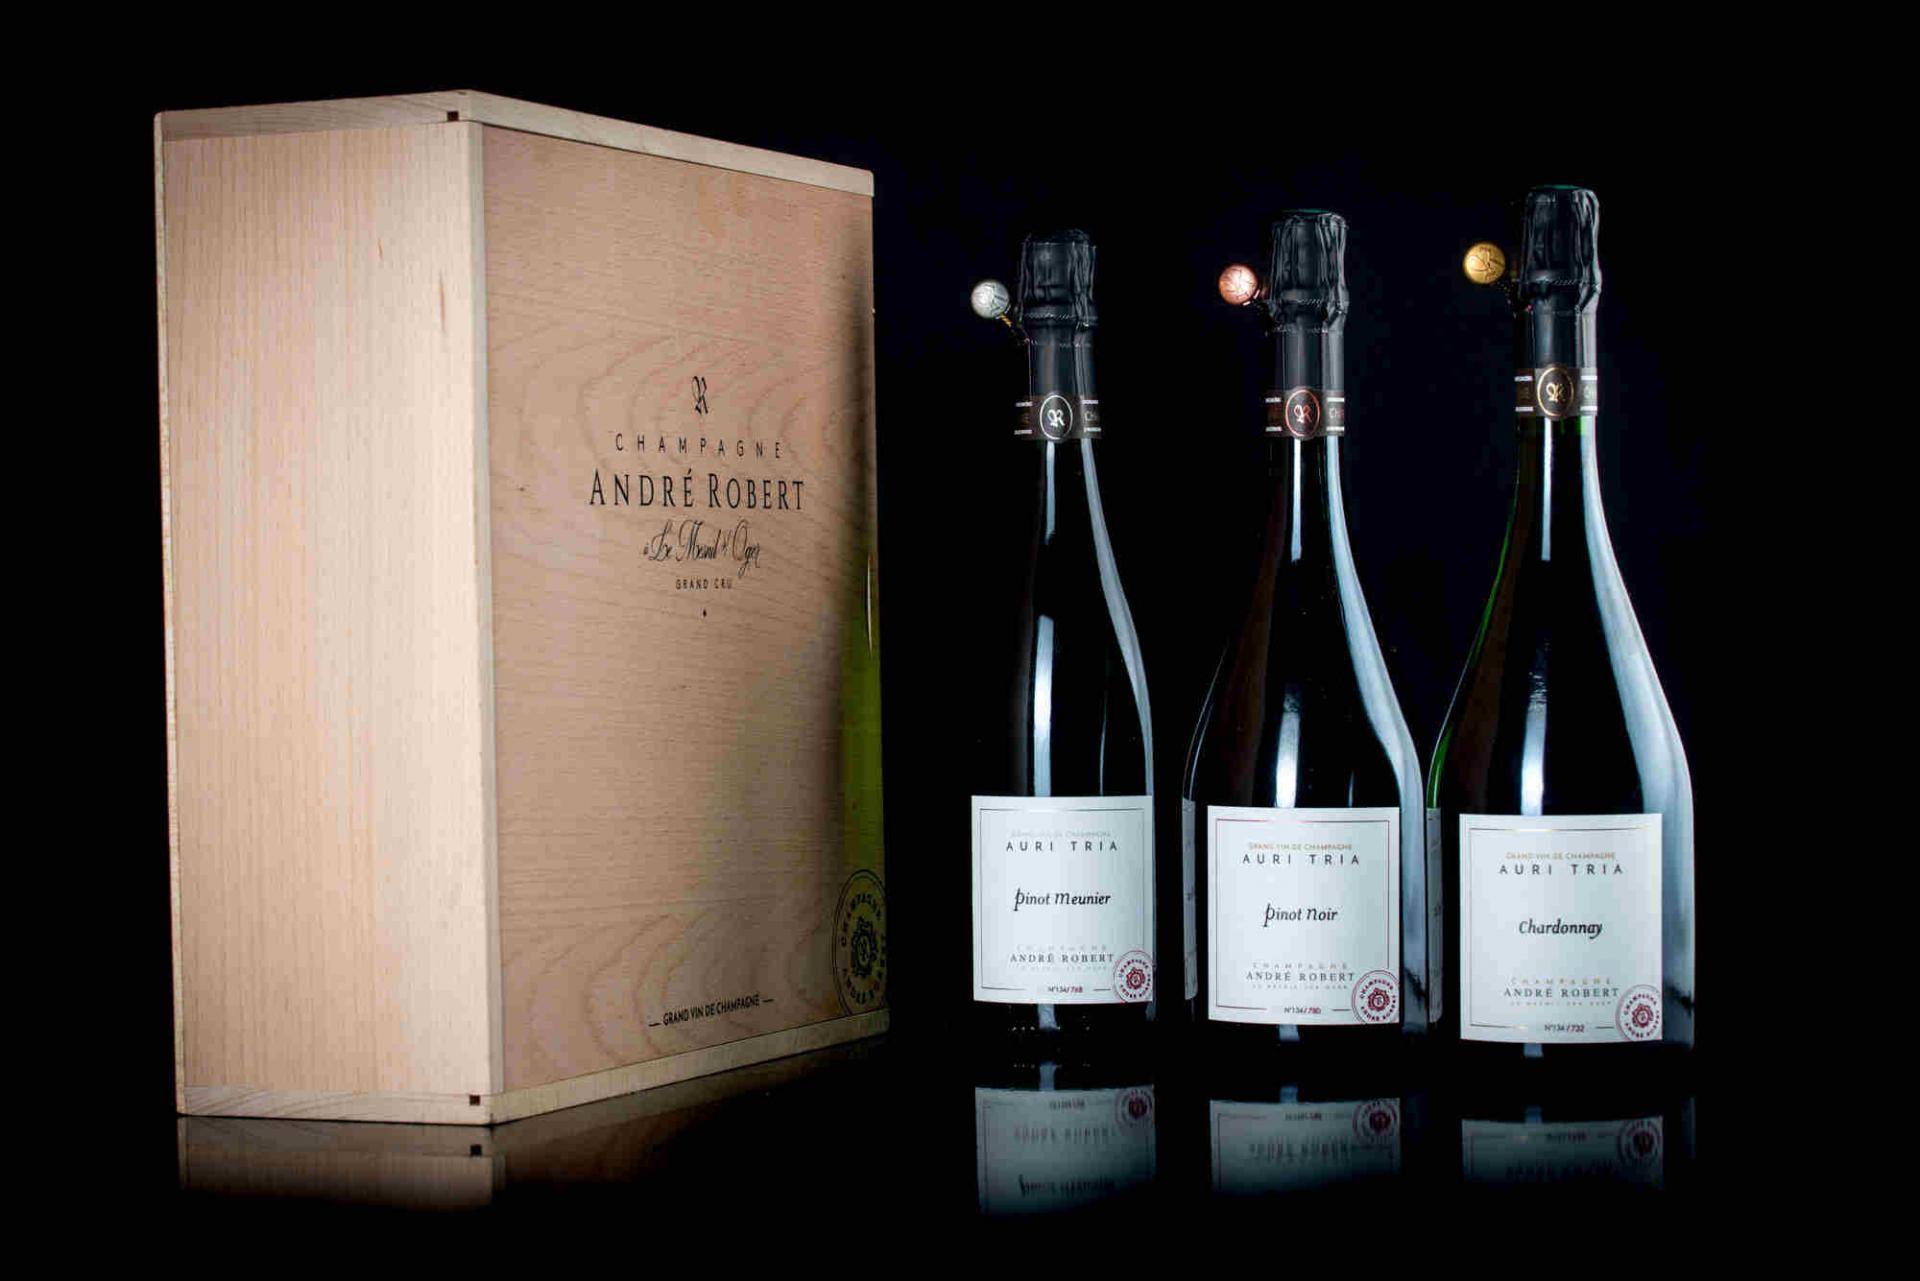 Image De Champagne le champagne andré robert | champagnes grands crus au mesnil sur oger